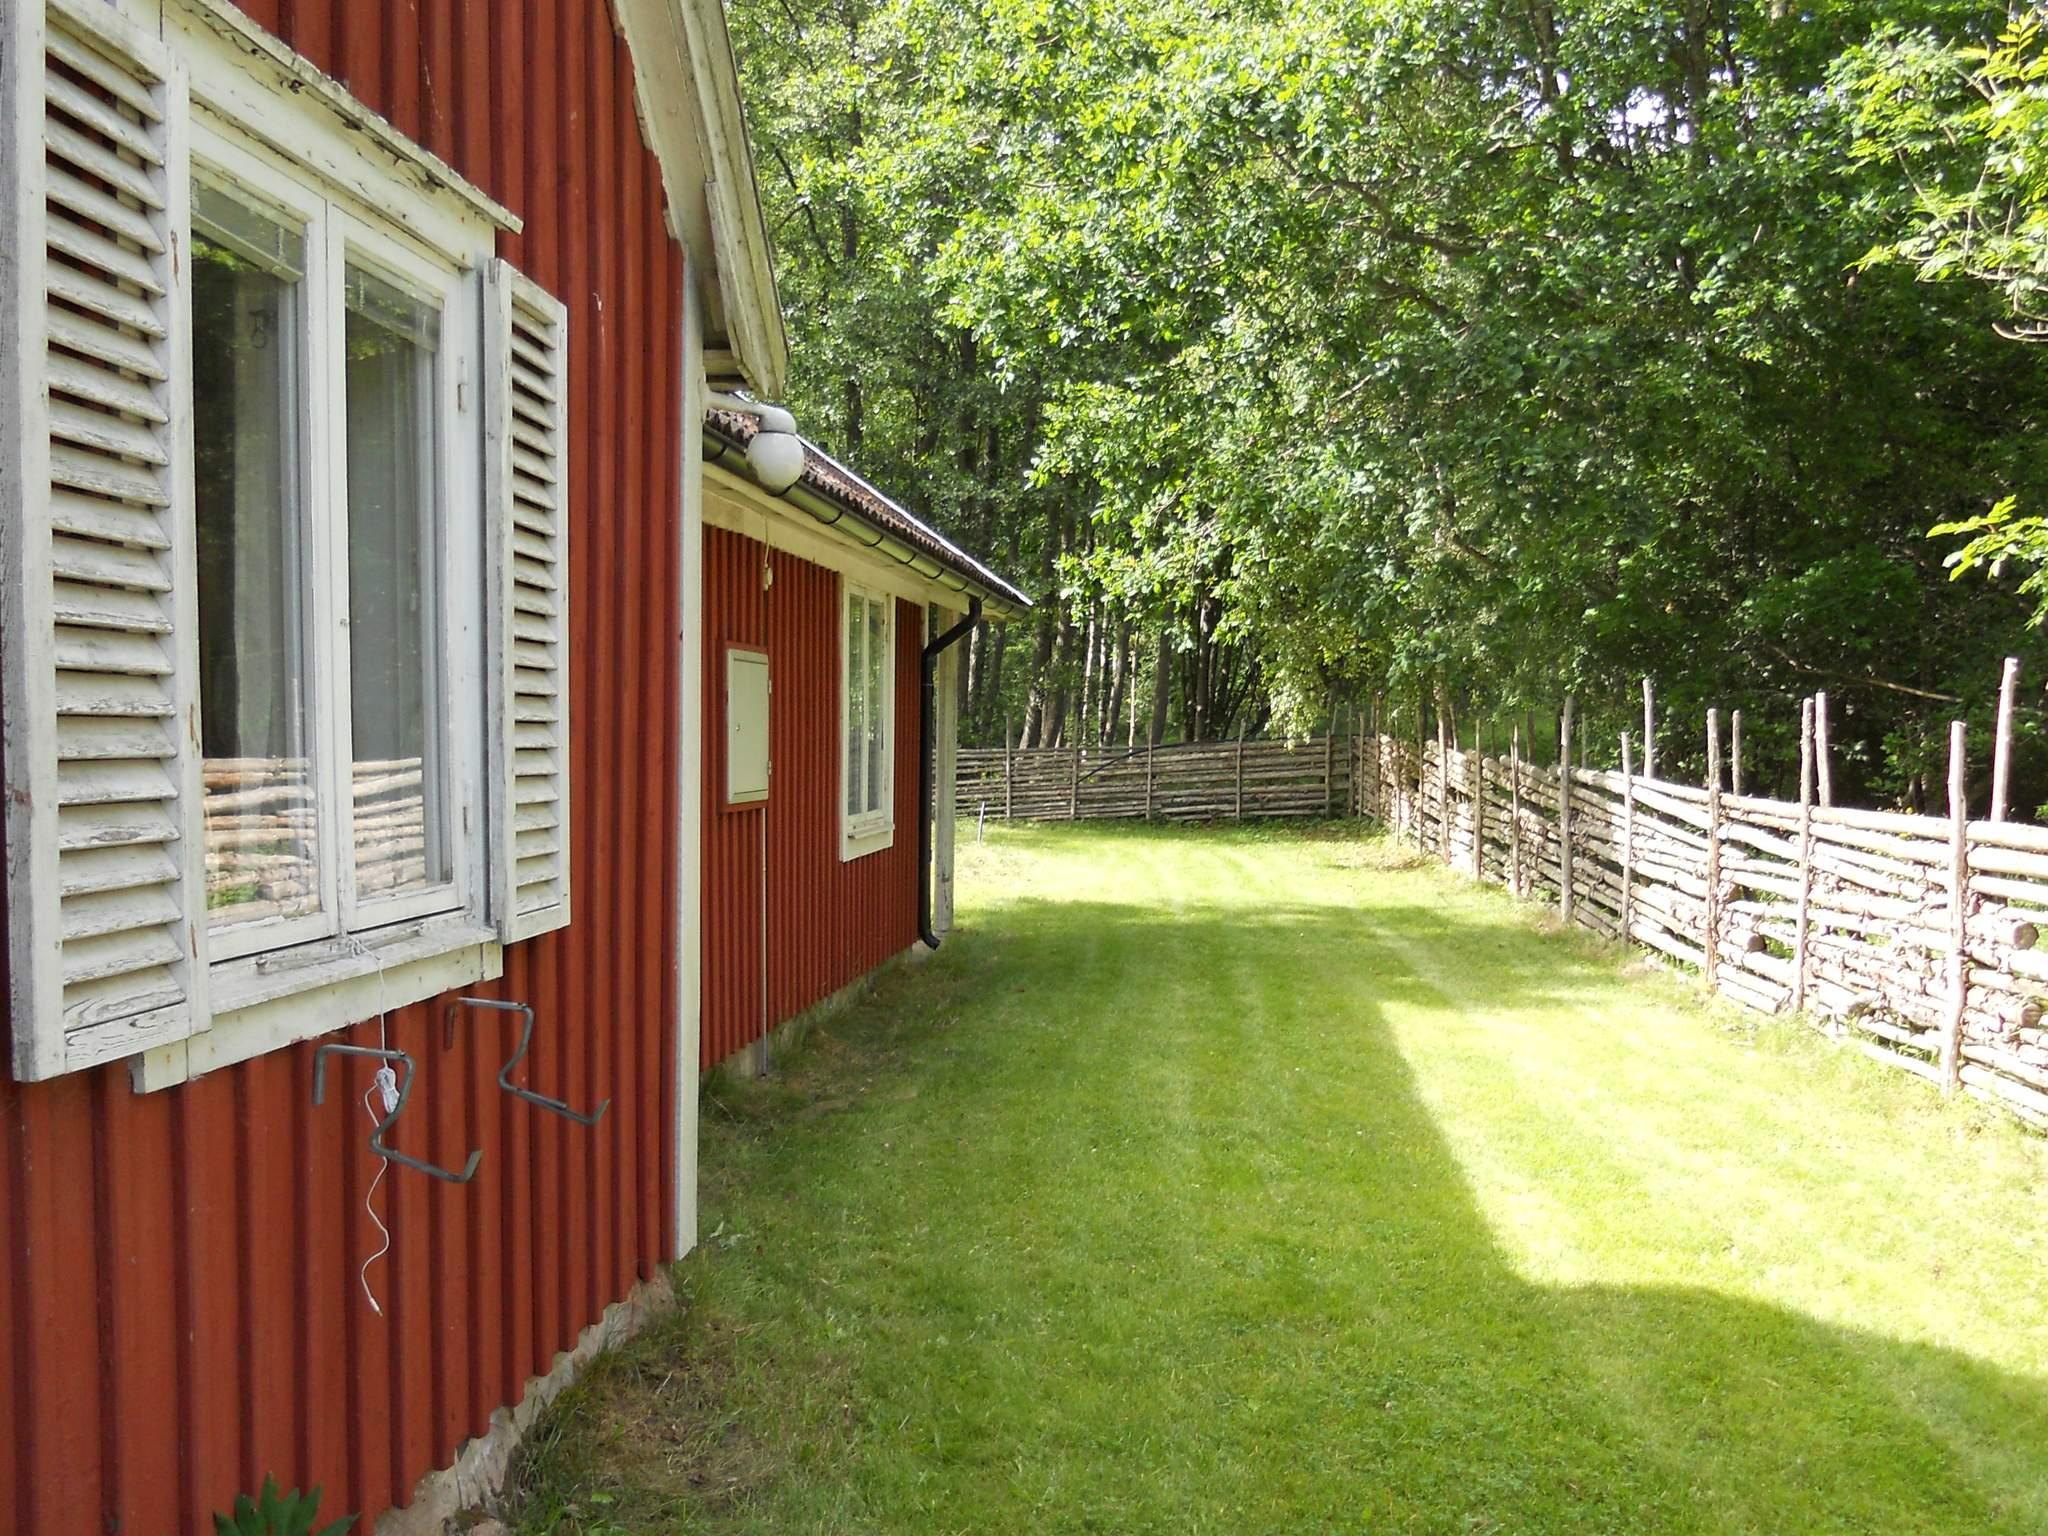 Ferienhaus Gullabo (491994), Gullabo, Kalmar län, Südschweden, Schweden, Bild 13